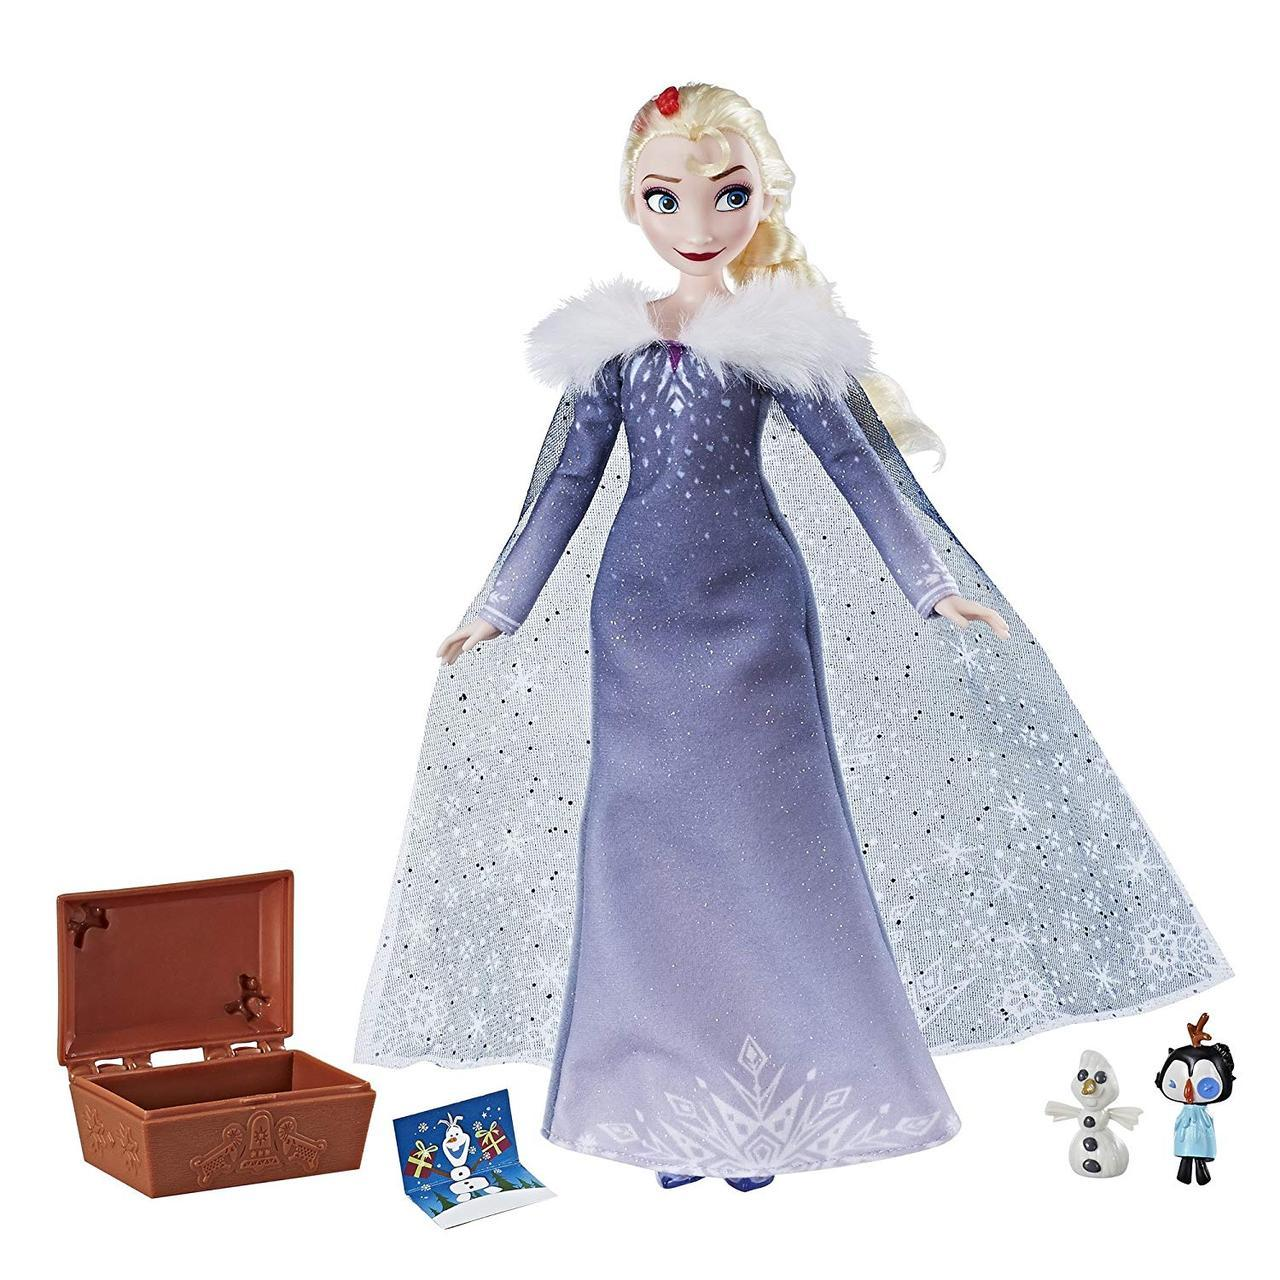 Кукла Эльза - Загадочные традиции Disney Frozen Elsa's Treasured Traditions Hasbro